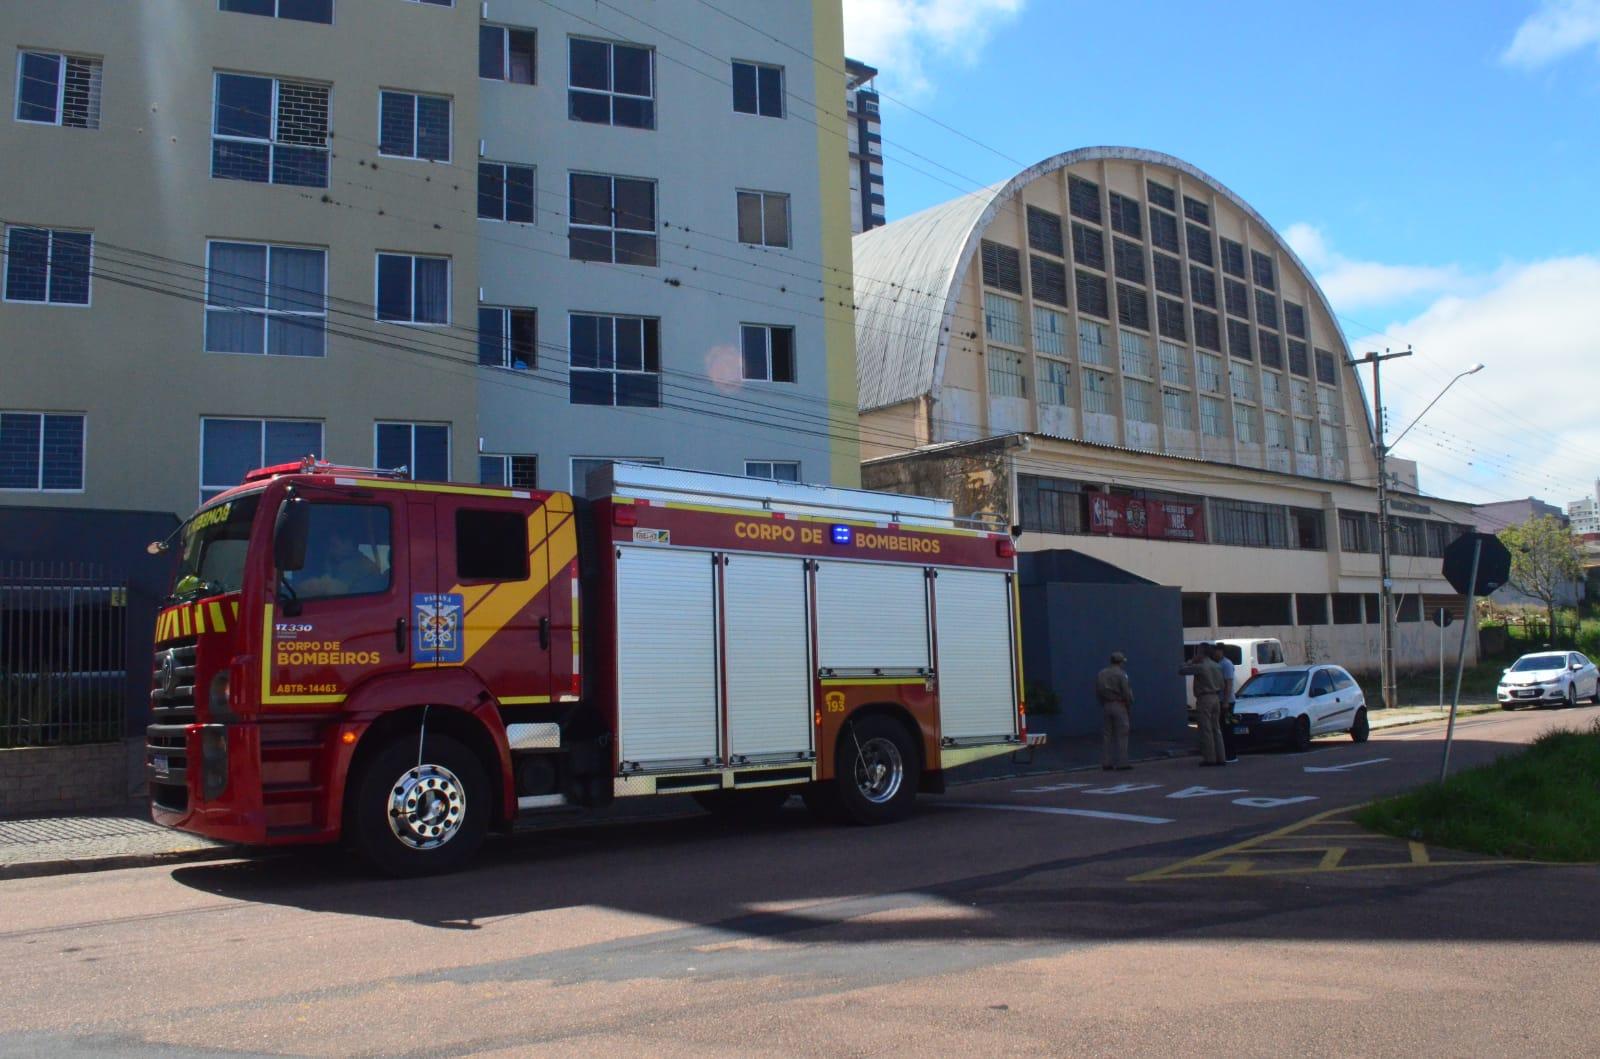 URGENTE: Suposto incêndio no Ginásio Borell mobiliza bombeiros em PG